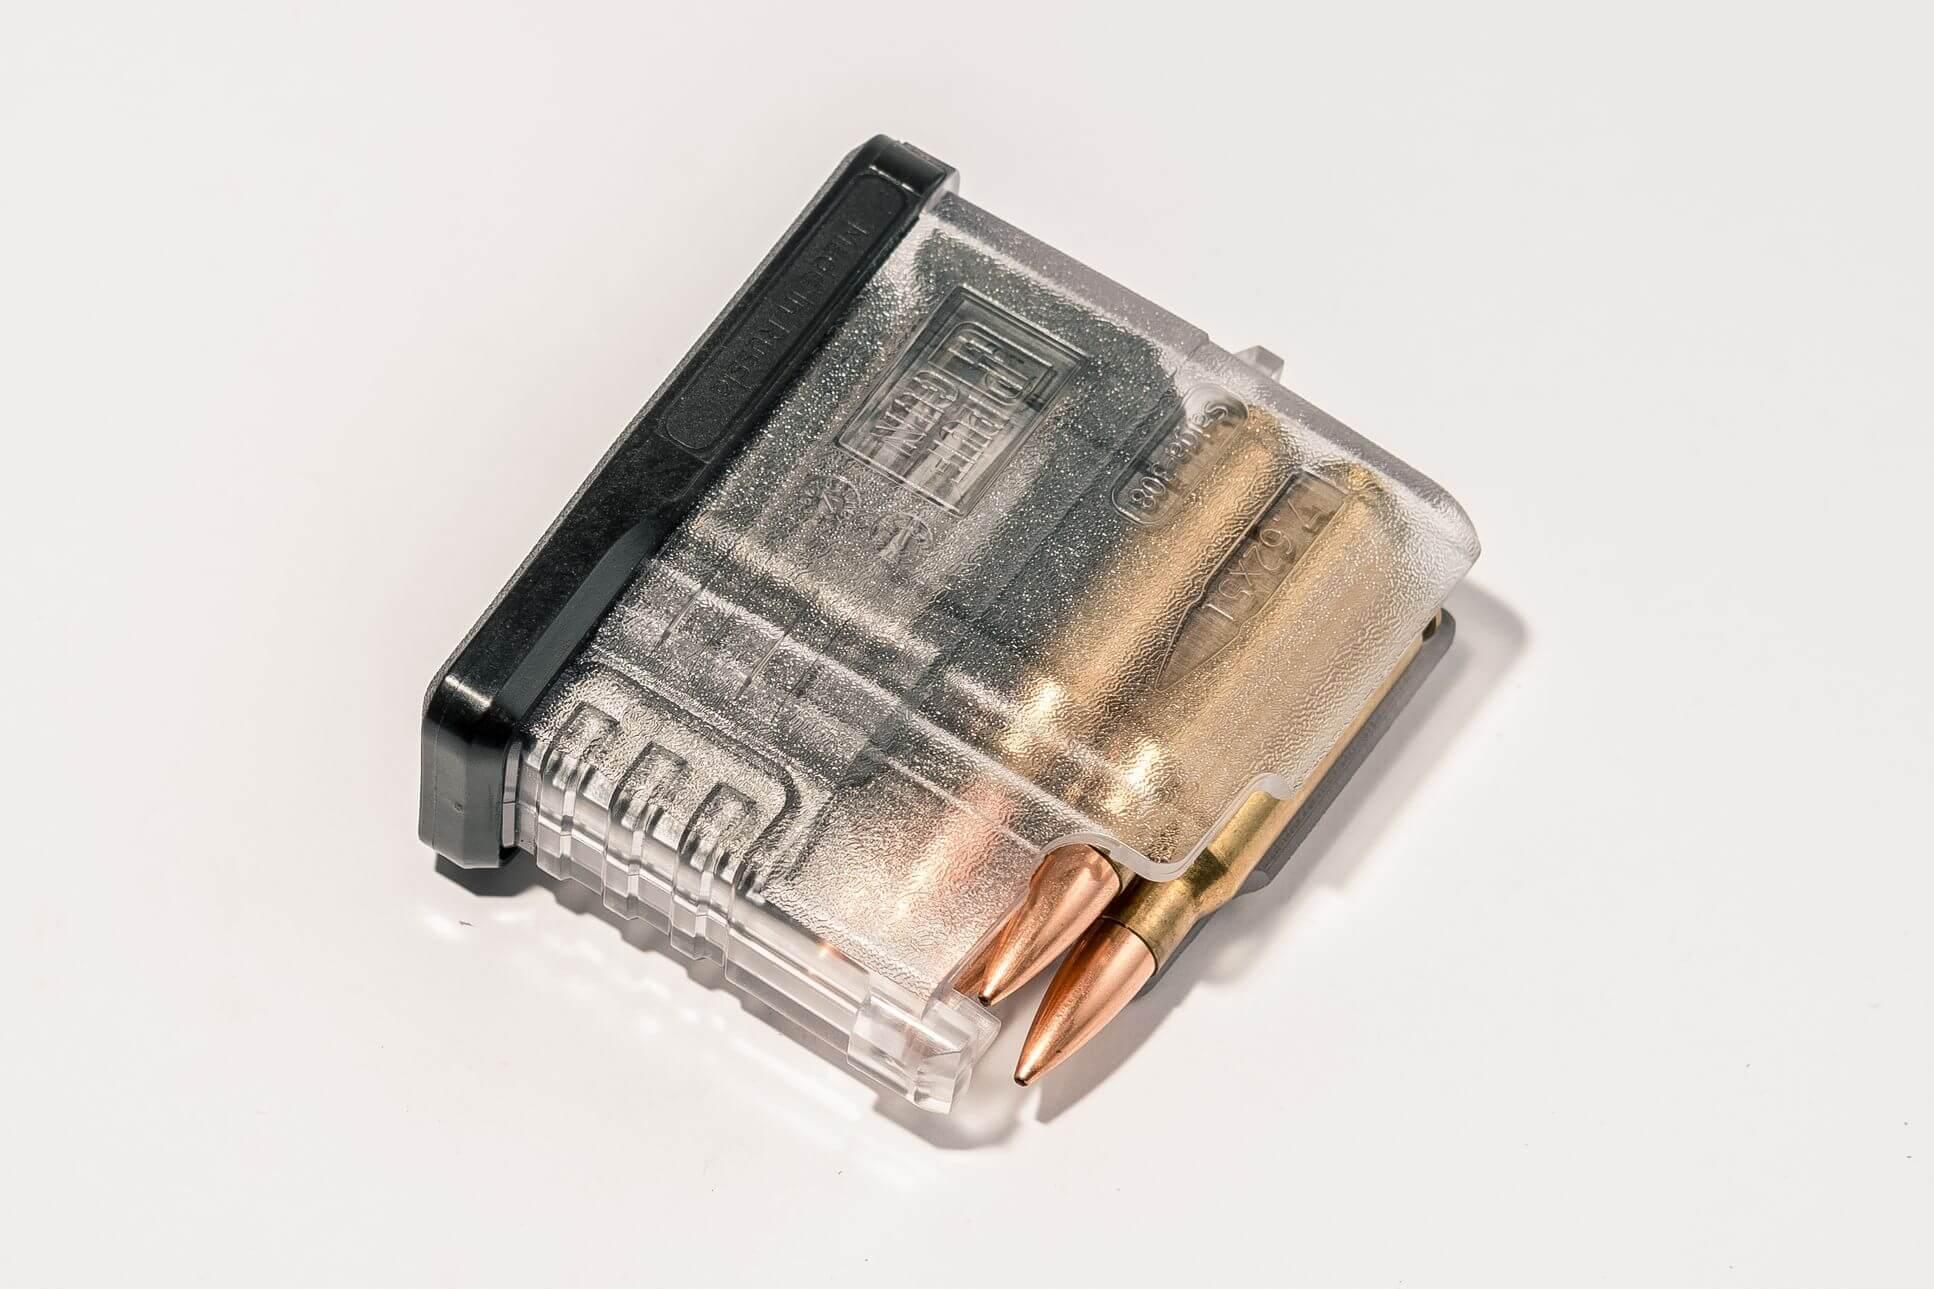 Магазин Pufgun Сайга-308 на 5 патронов, прозрачный